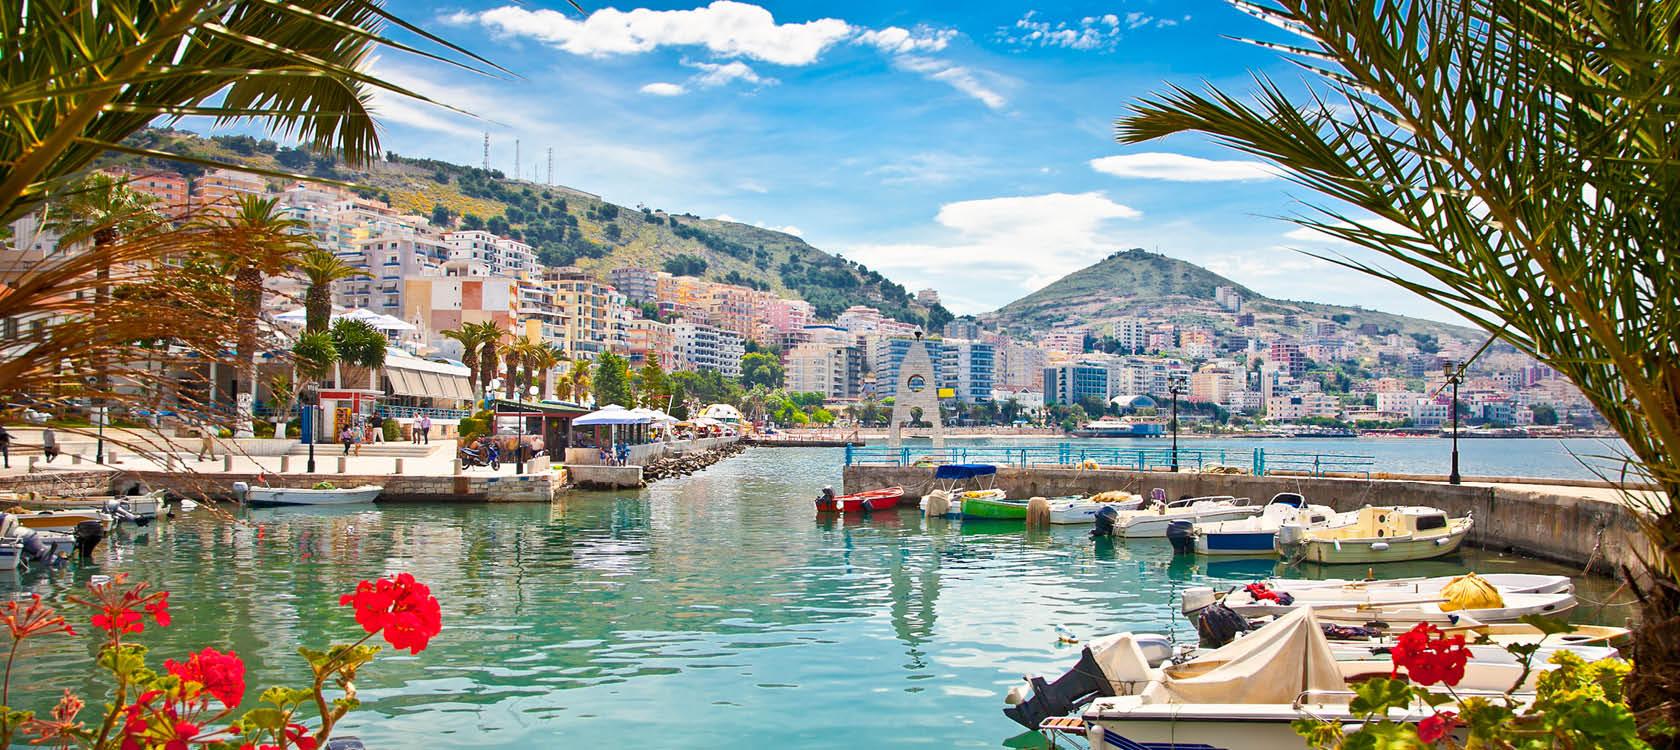 Vacker småbåtshamn i semesterorten Serande på en resa genom Albanien.